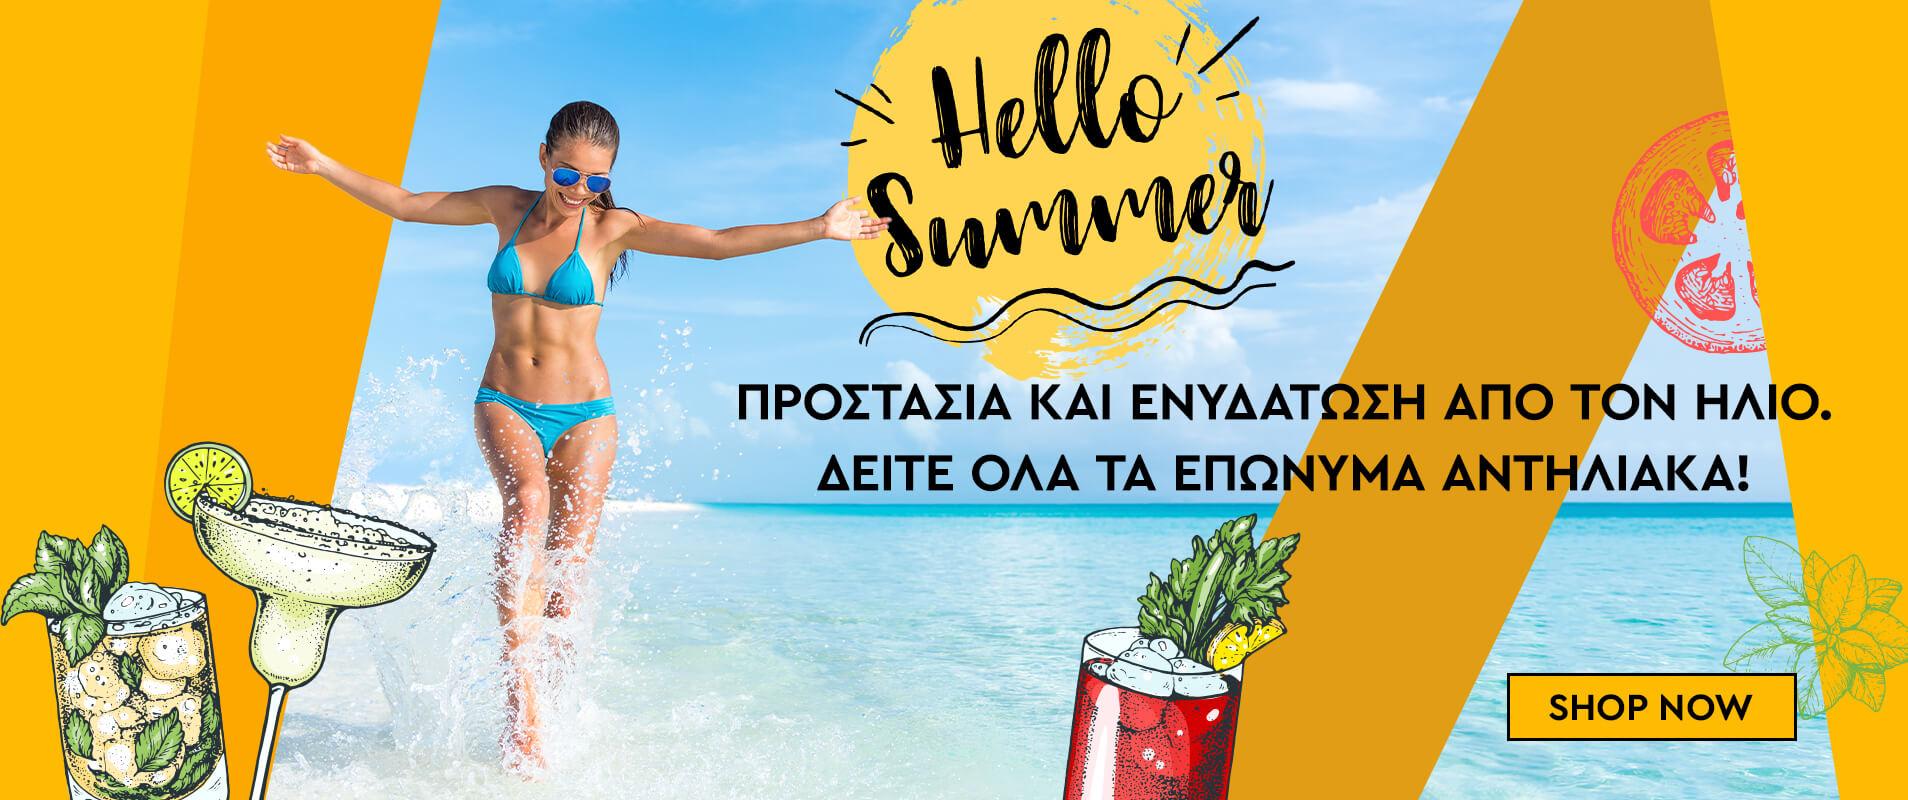 summer-products-kaizen-shop-slider.jpg